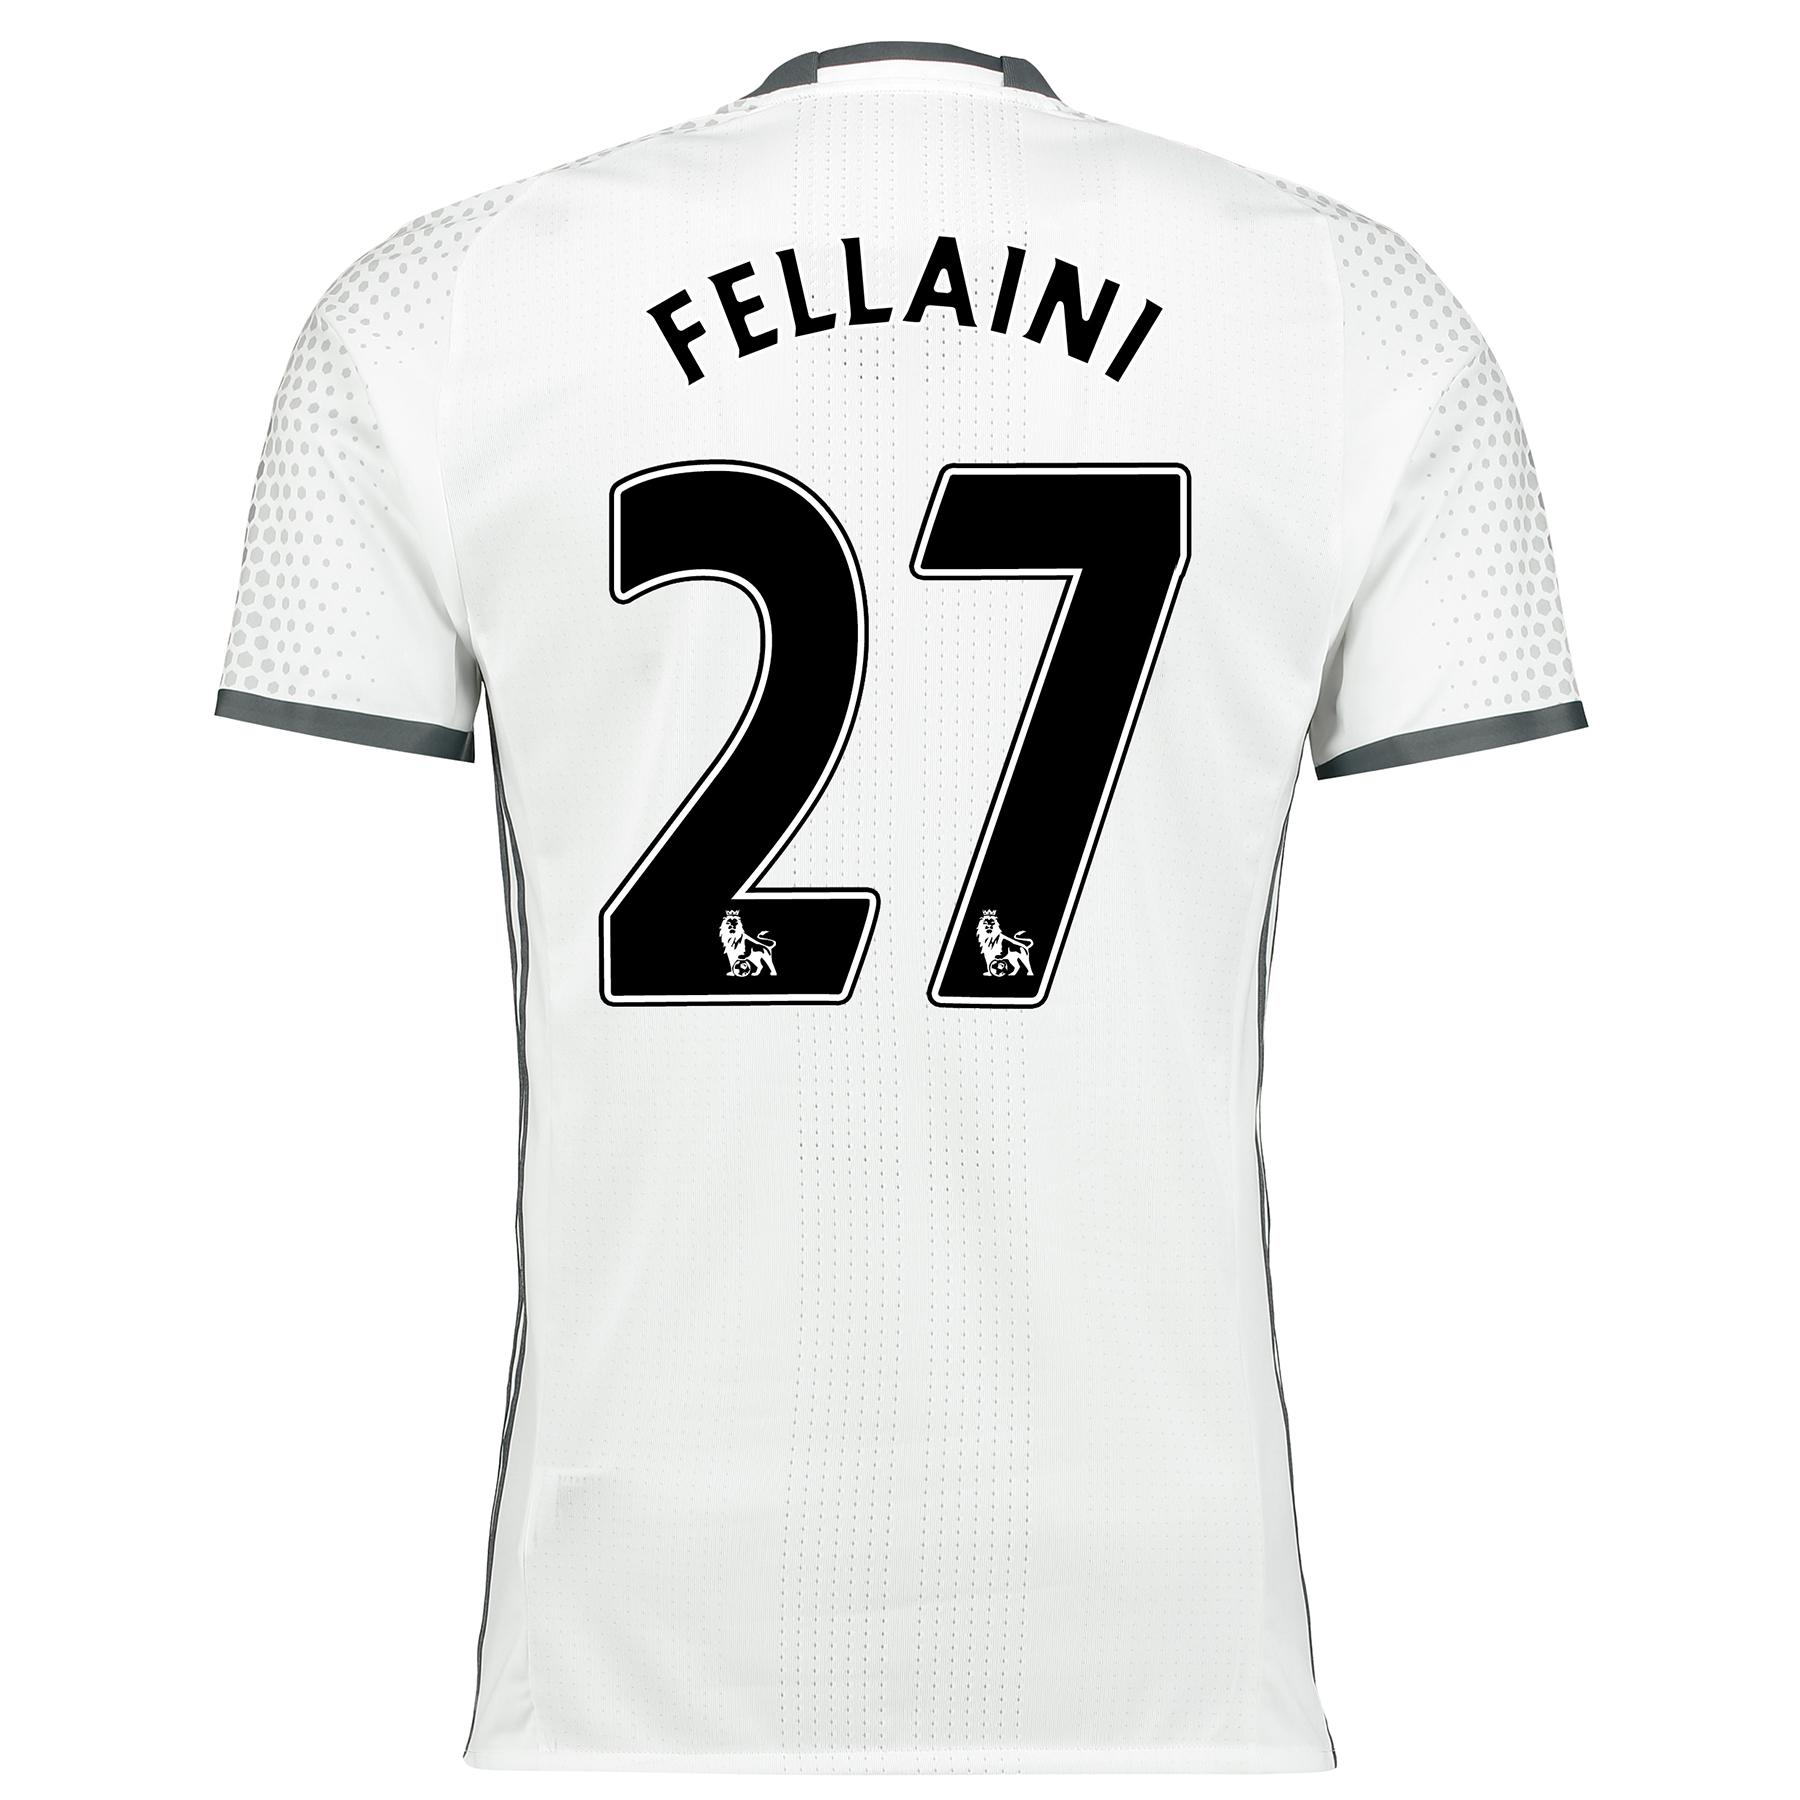 Manchester United Third Adi Zero Shirt 2016-17 with Fellaini 27 printi